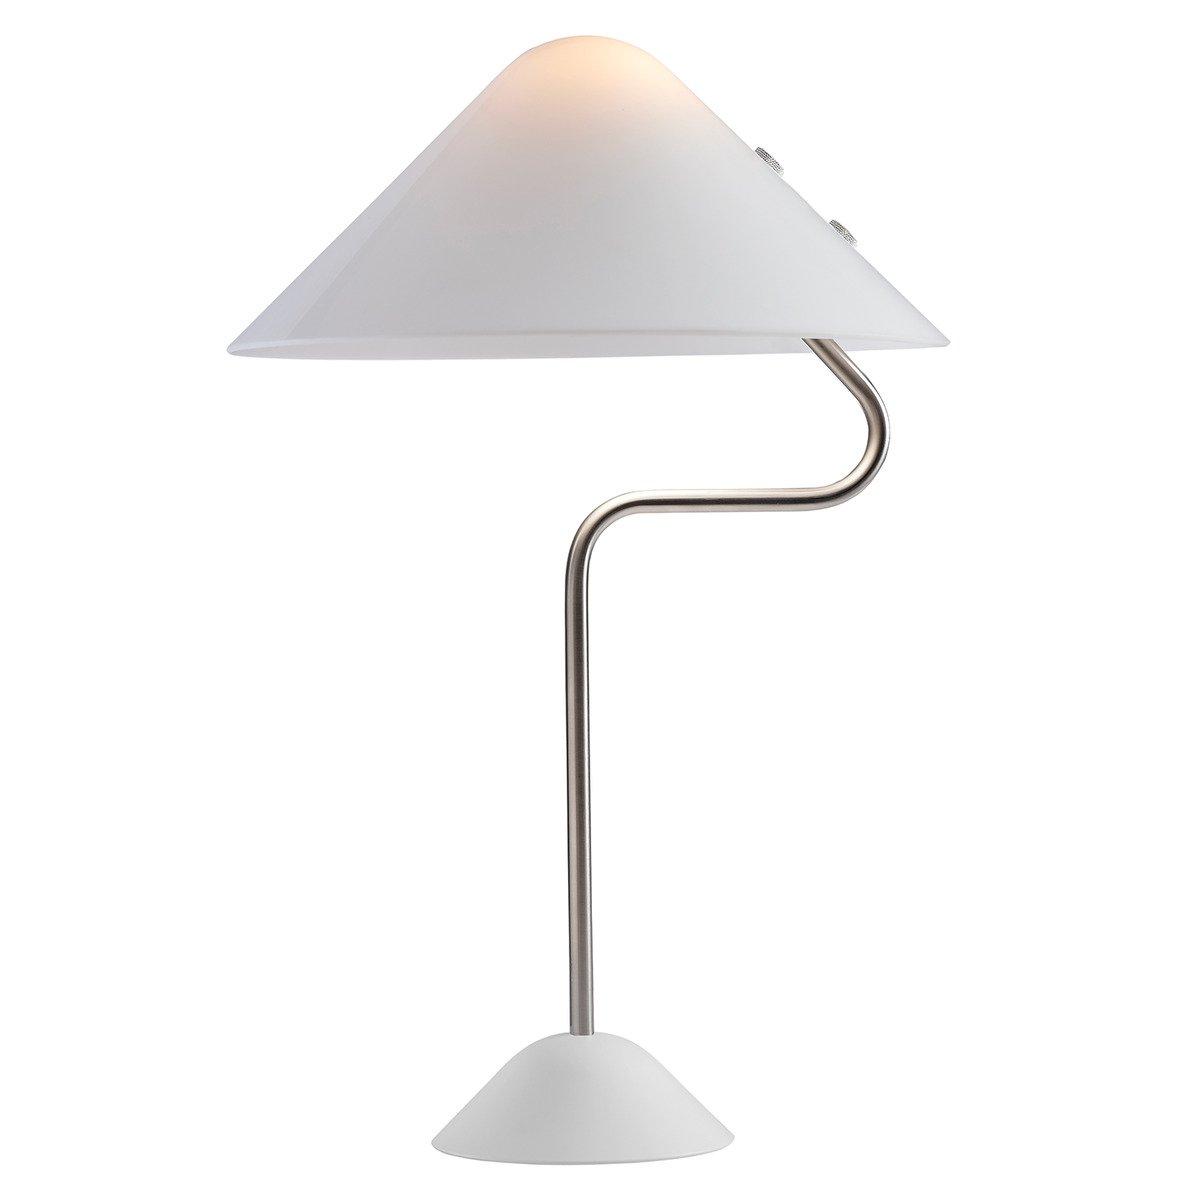 Pandul Table Vip Table Lamp, Opal